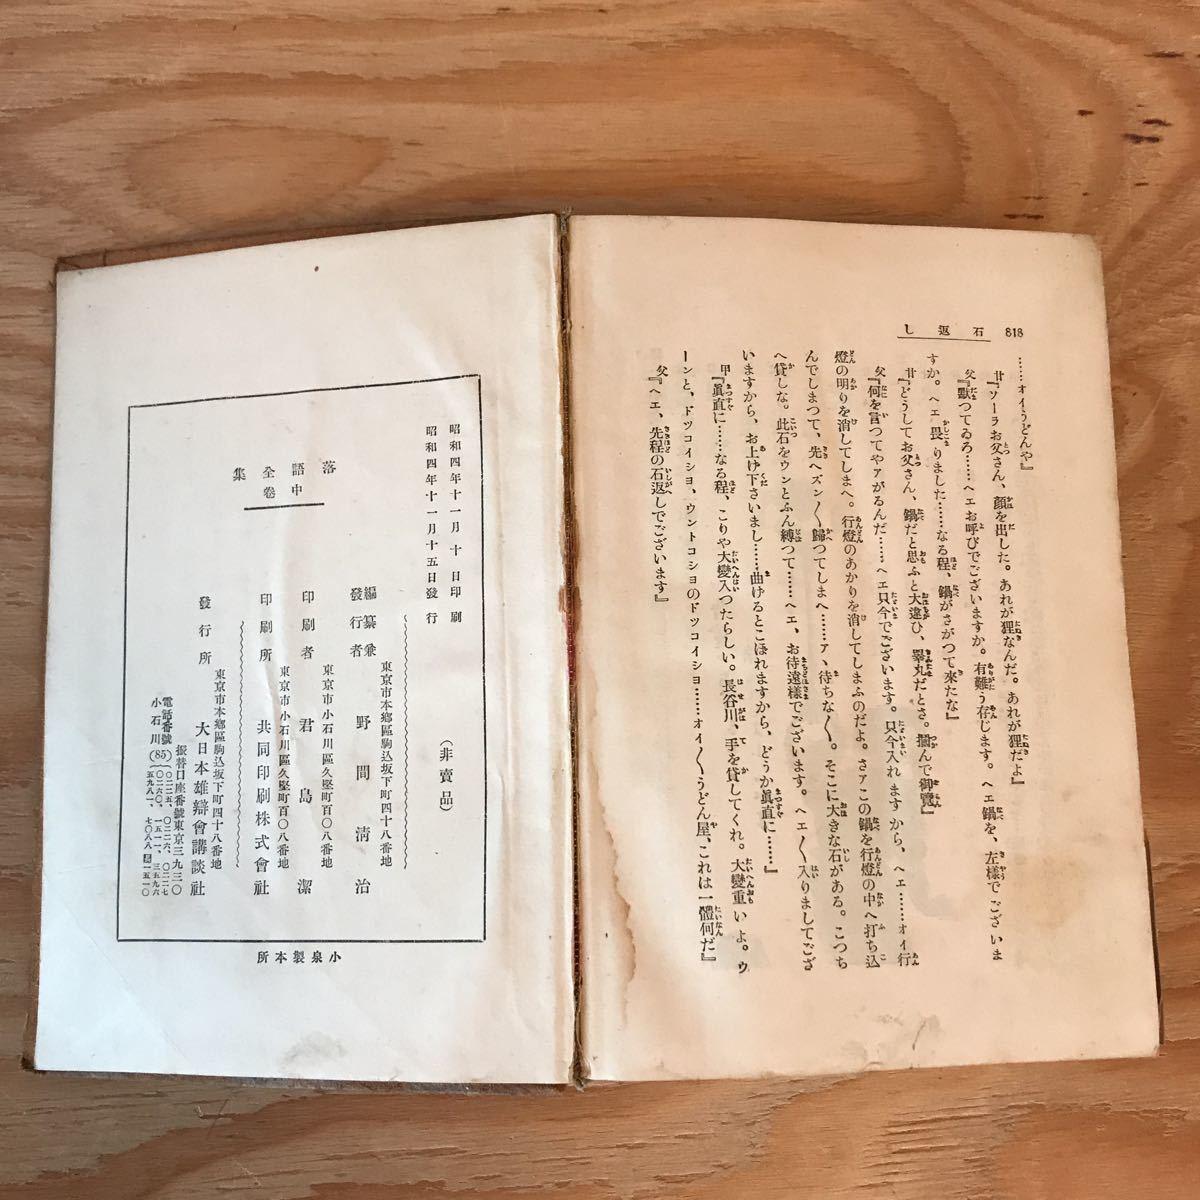 ◎えD-191128 レア[落語全集 中] 狂歌の餅 指南書 縁切榎_画像8